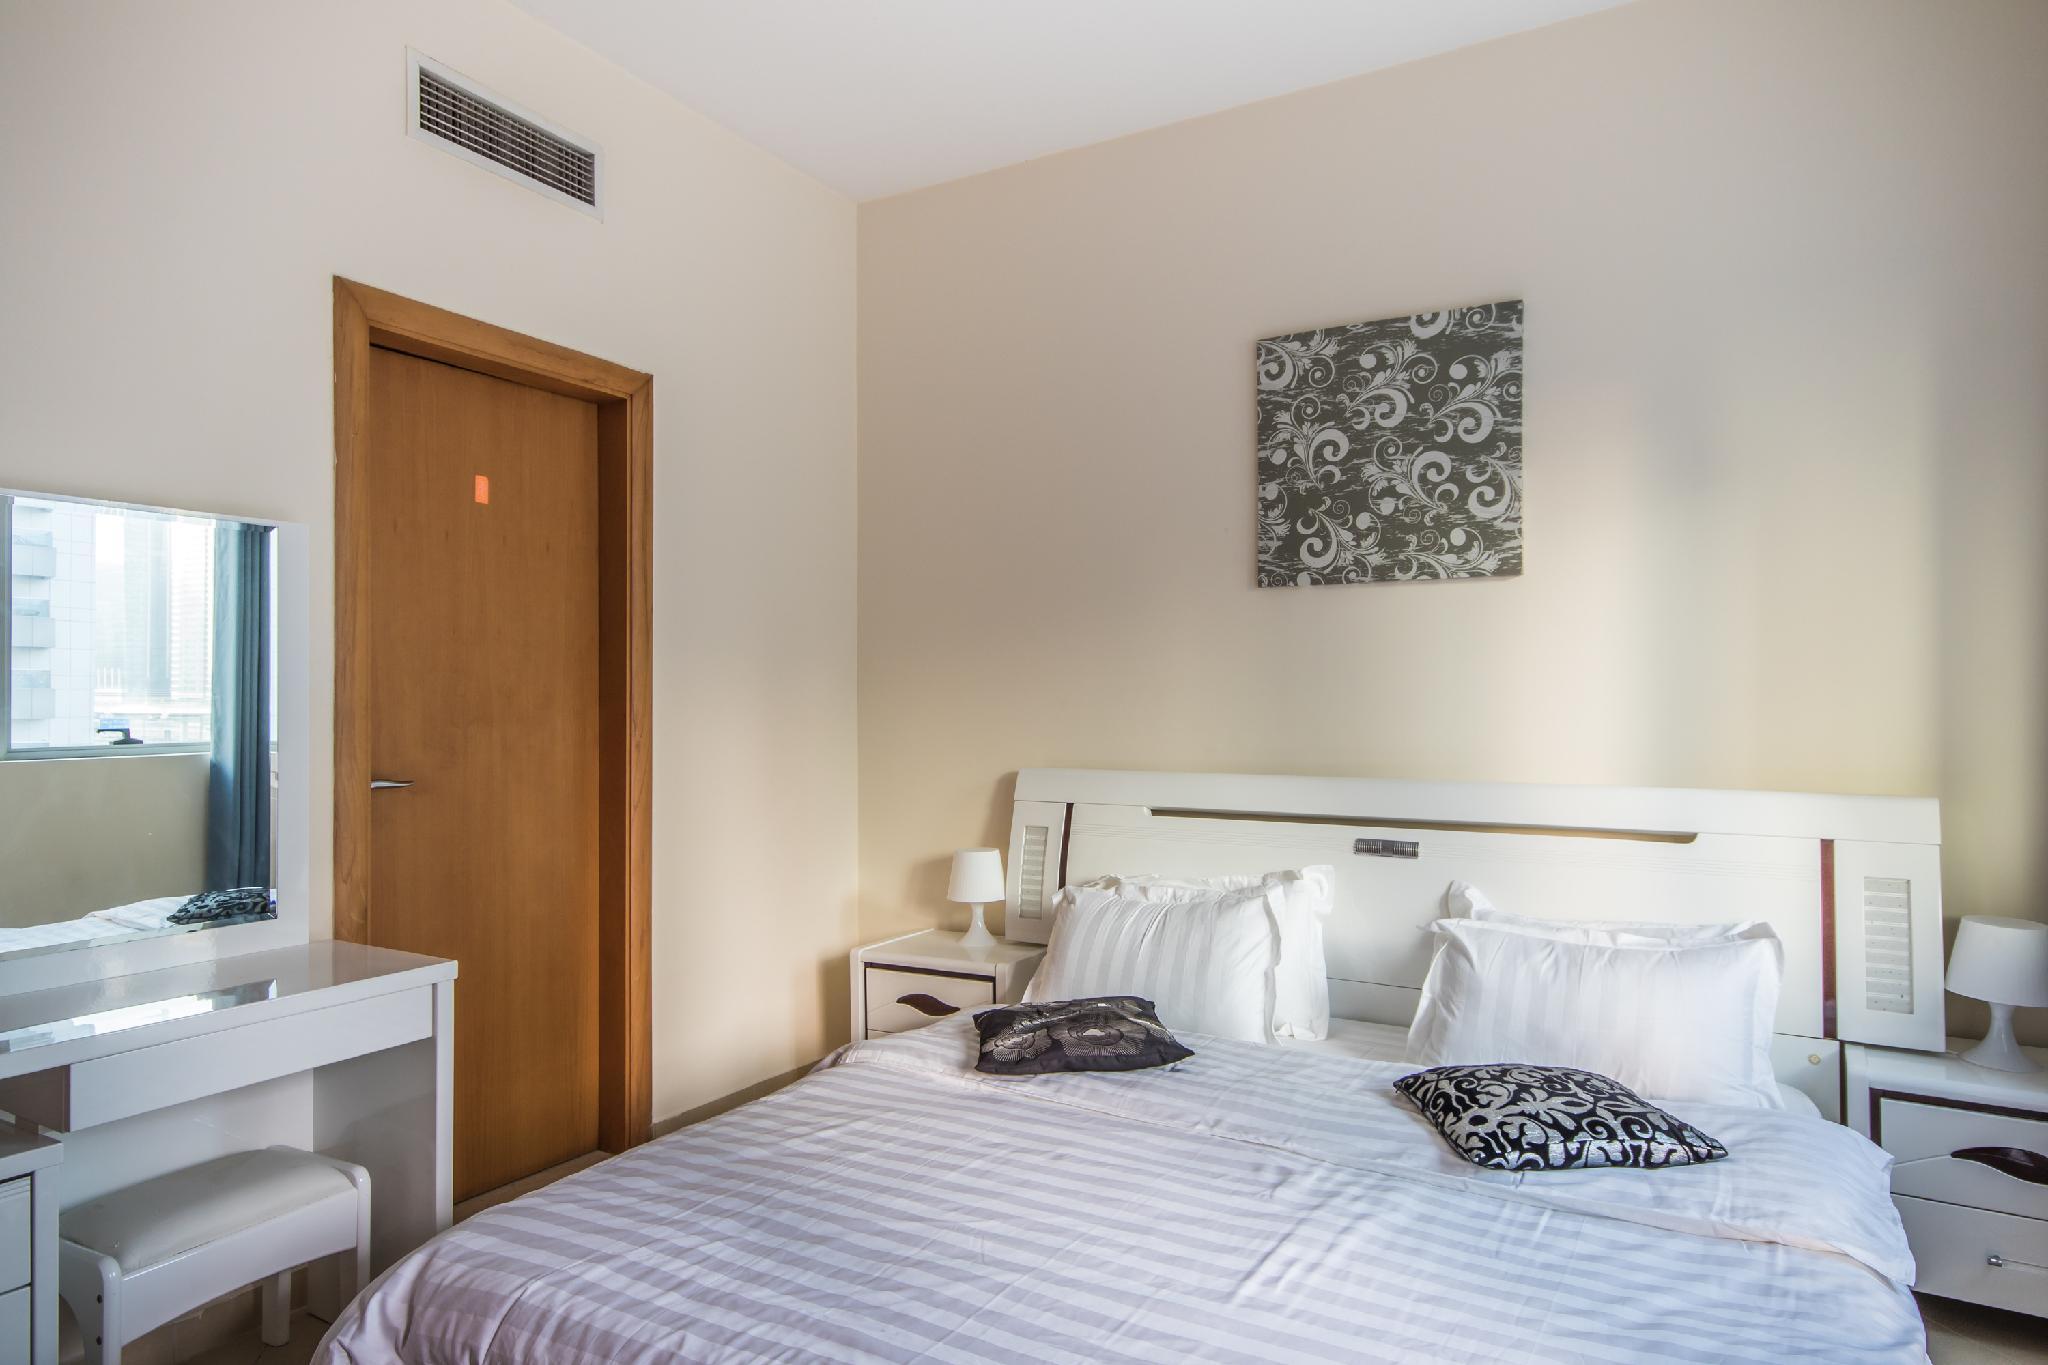 New Dubai Marina City View Balcony Apartment